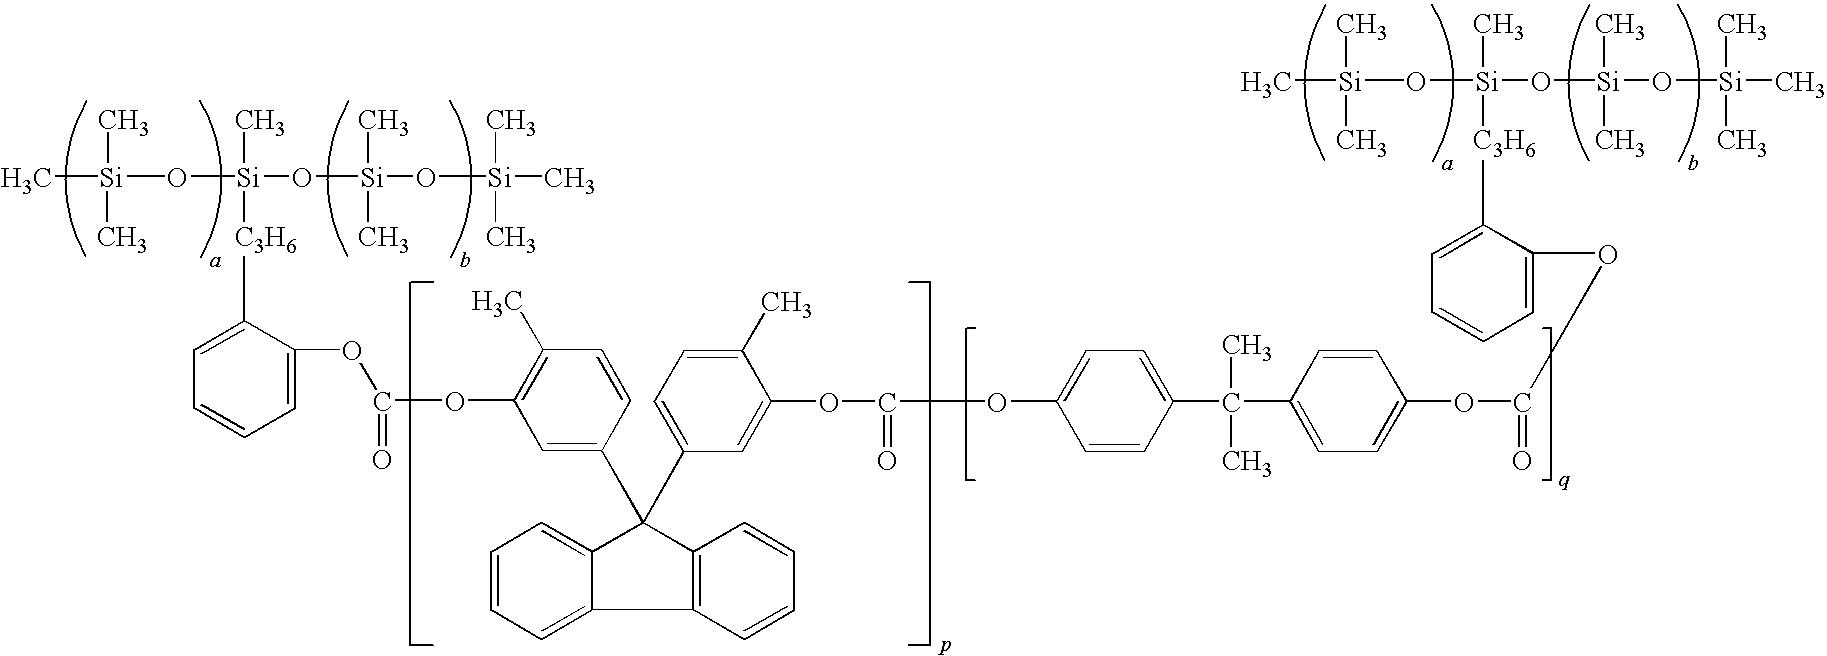 Figure US07943278-20110517-C00027